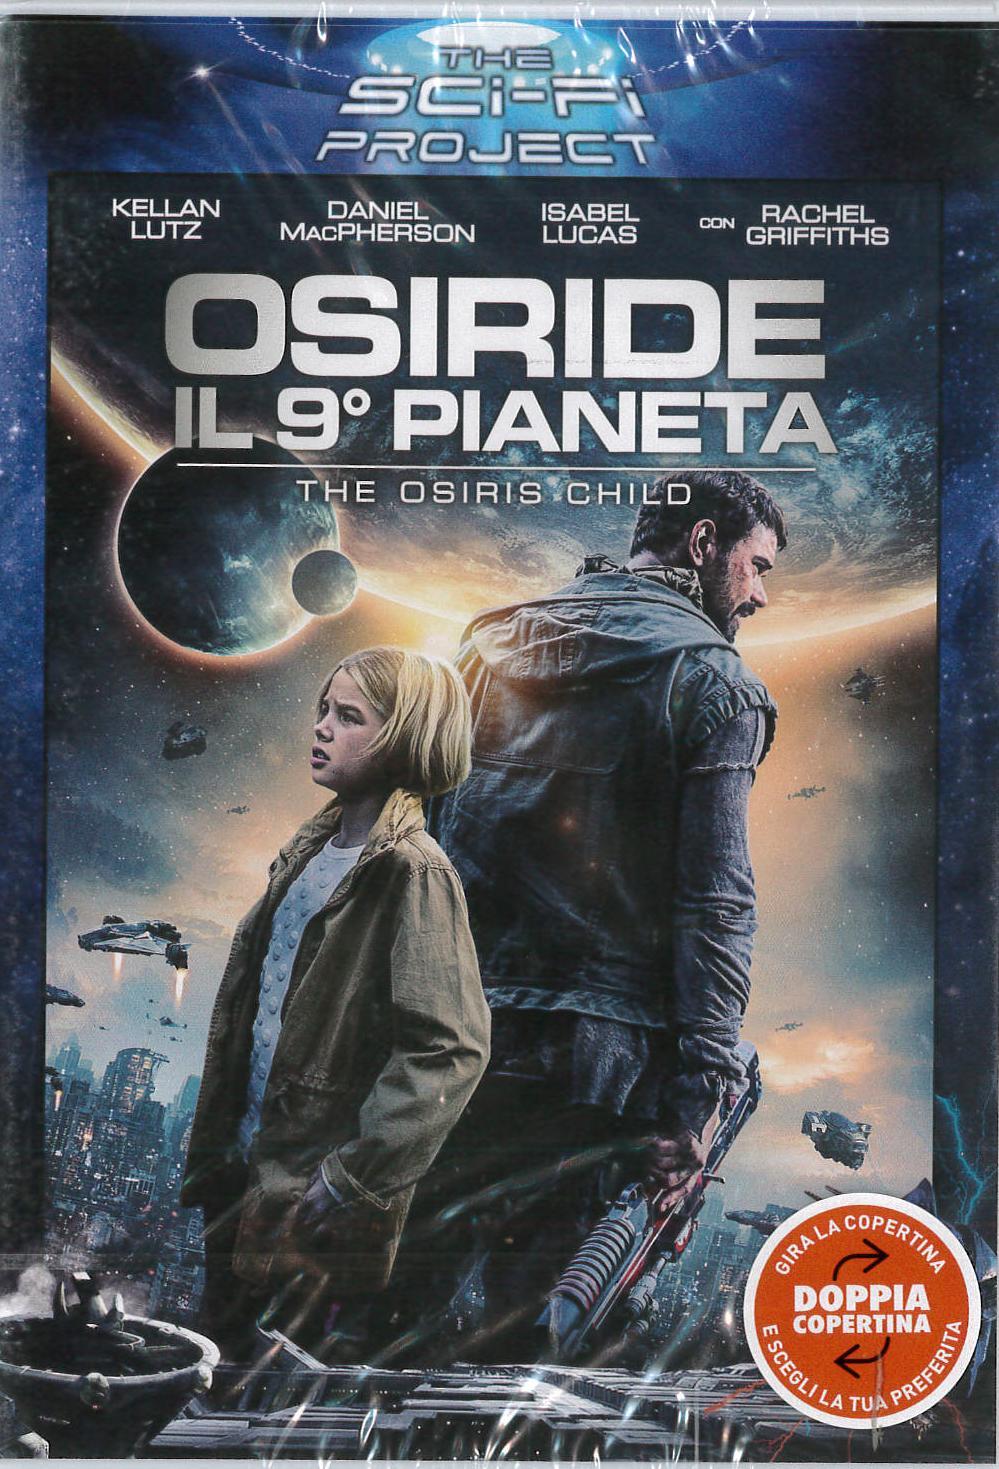 OSIRIDE IL NONO PIANETA (SCI-FI PROJECT) (DVD)